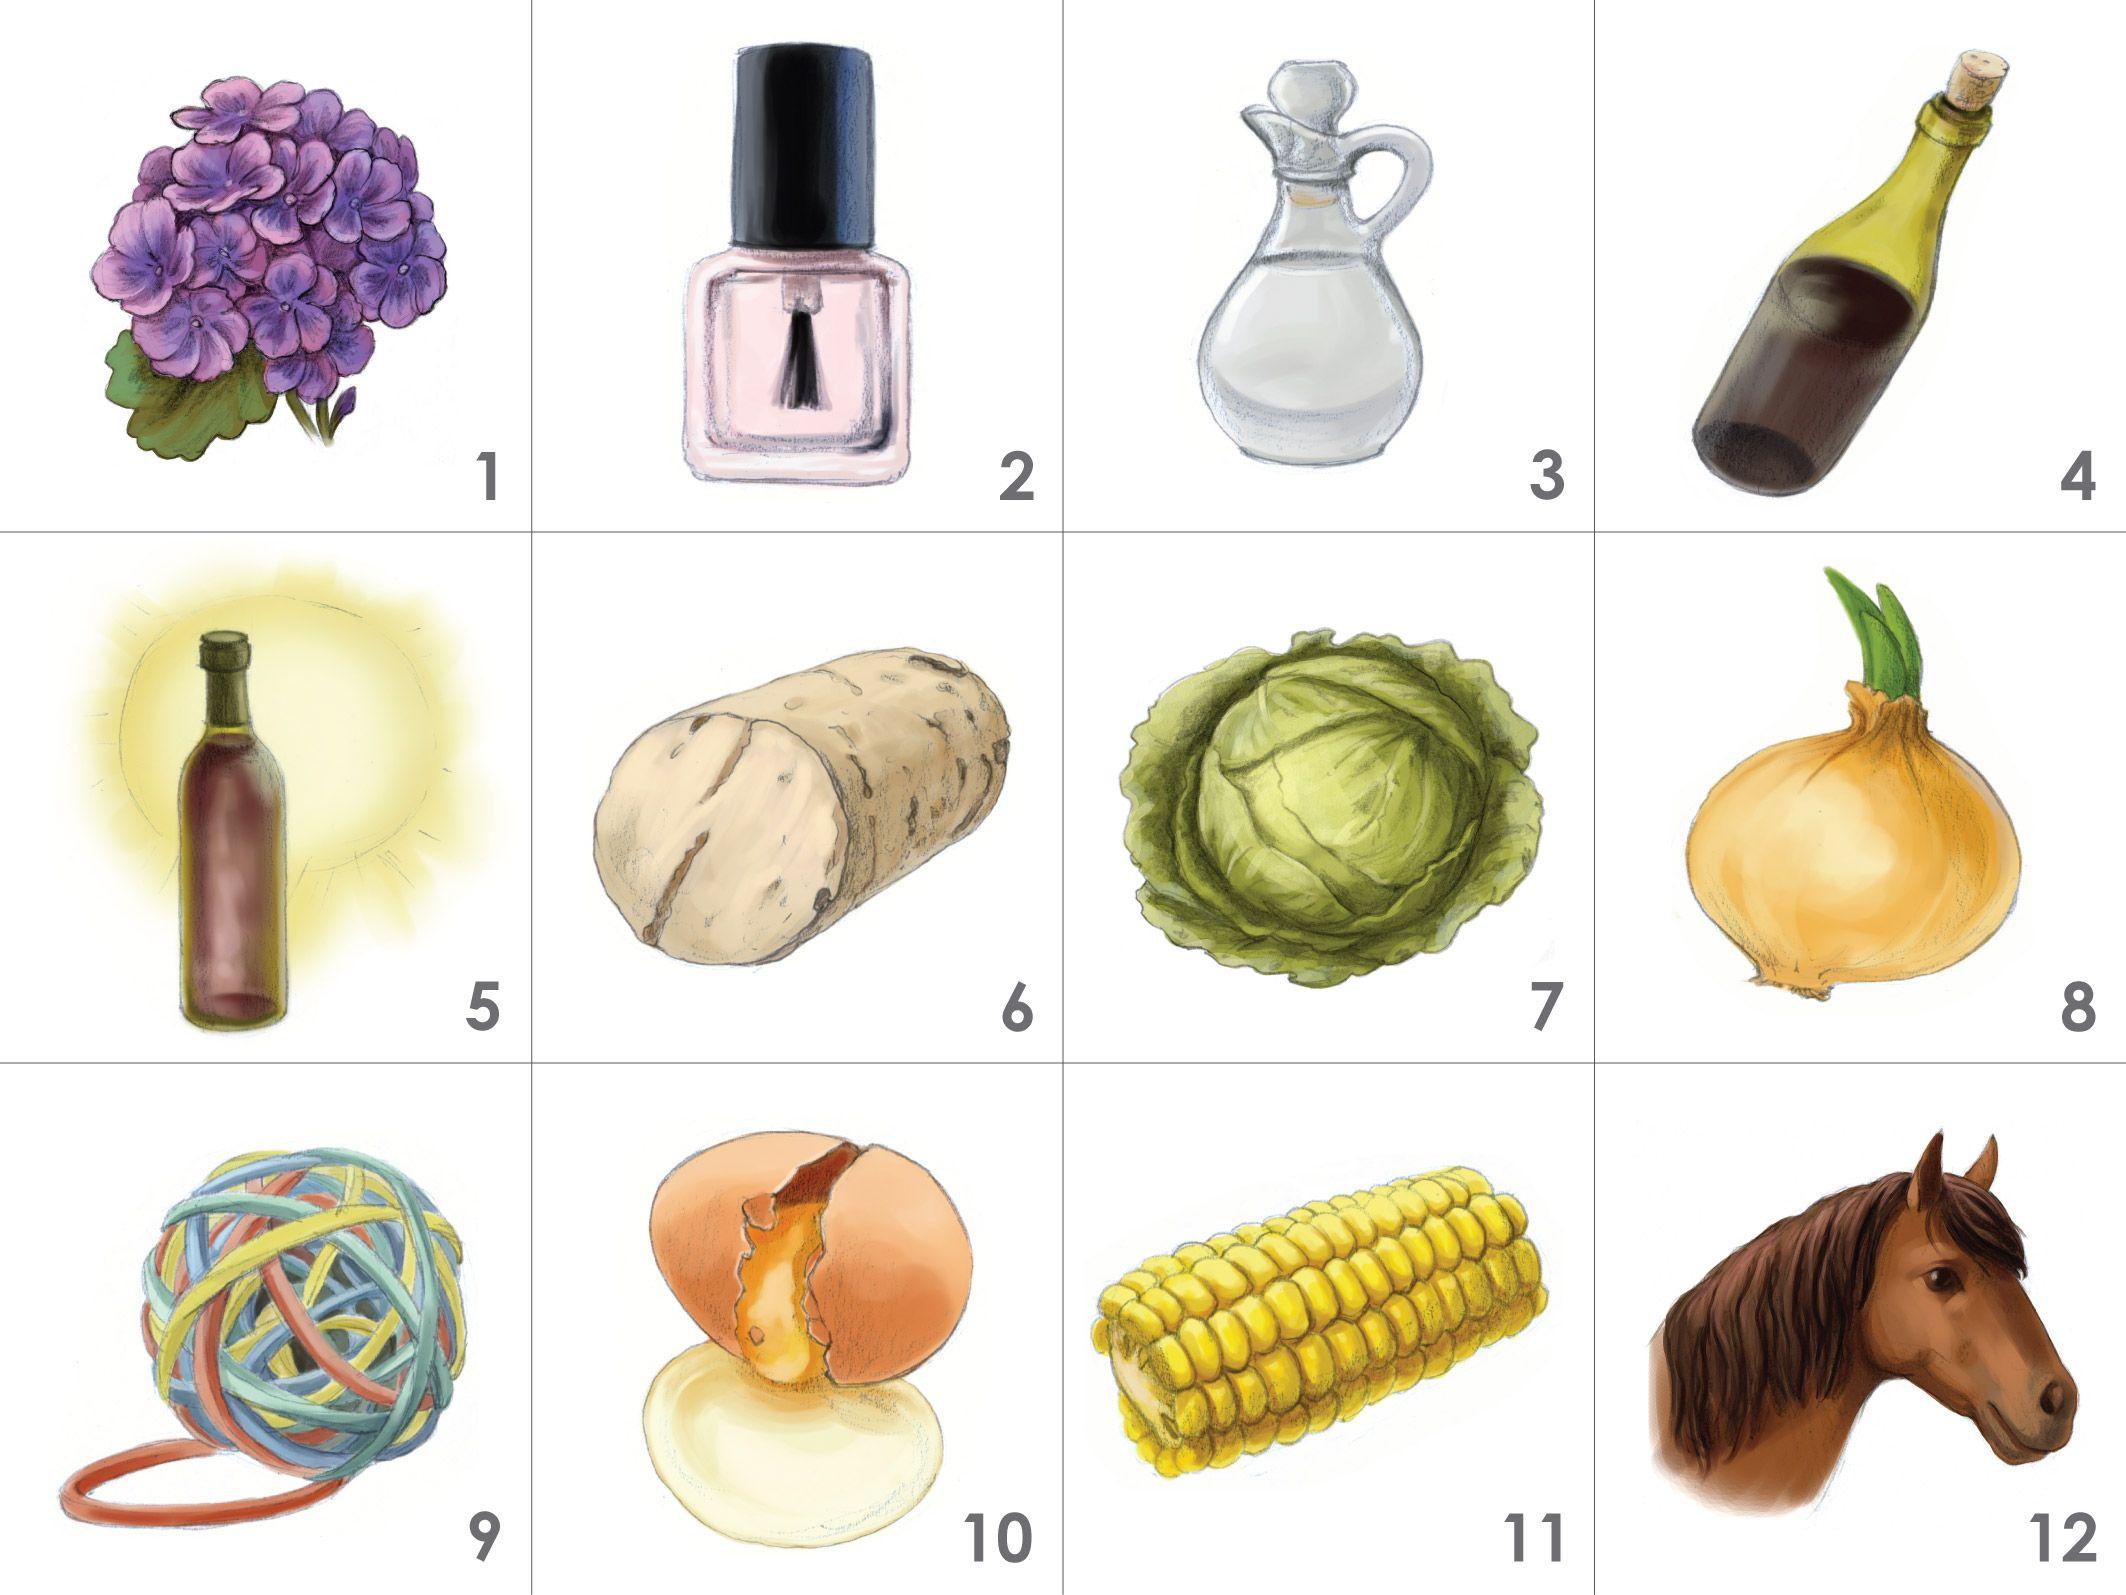 Coffret Arômes des Défauts du Vin - 12 arômes: 1.géranium, 2.dissolvant pour vernis à ongles, 3.vinaigre, 4.oxydé, 5.madérisé, 6.bouchonné, 7.chou, 8.oignon, 9.caoutchouc, 10.œuf pourri, 11.maïs, 12.sueur de cheval